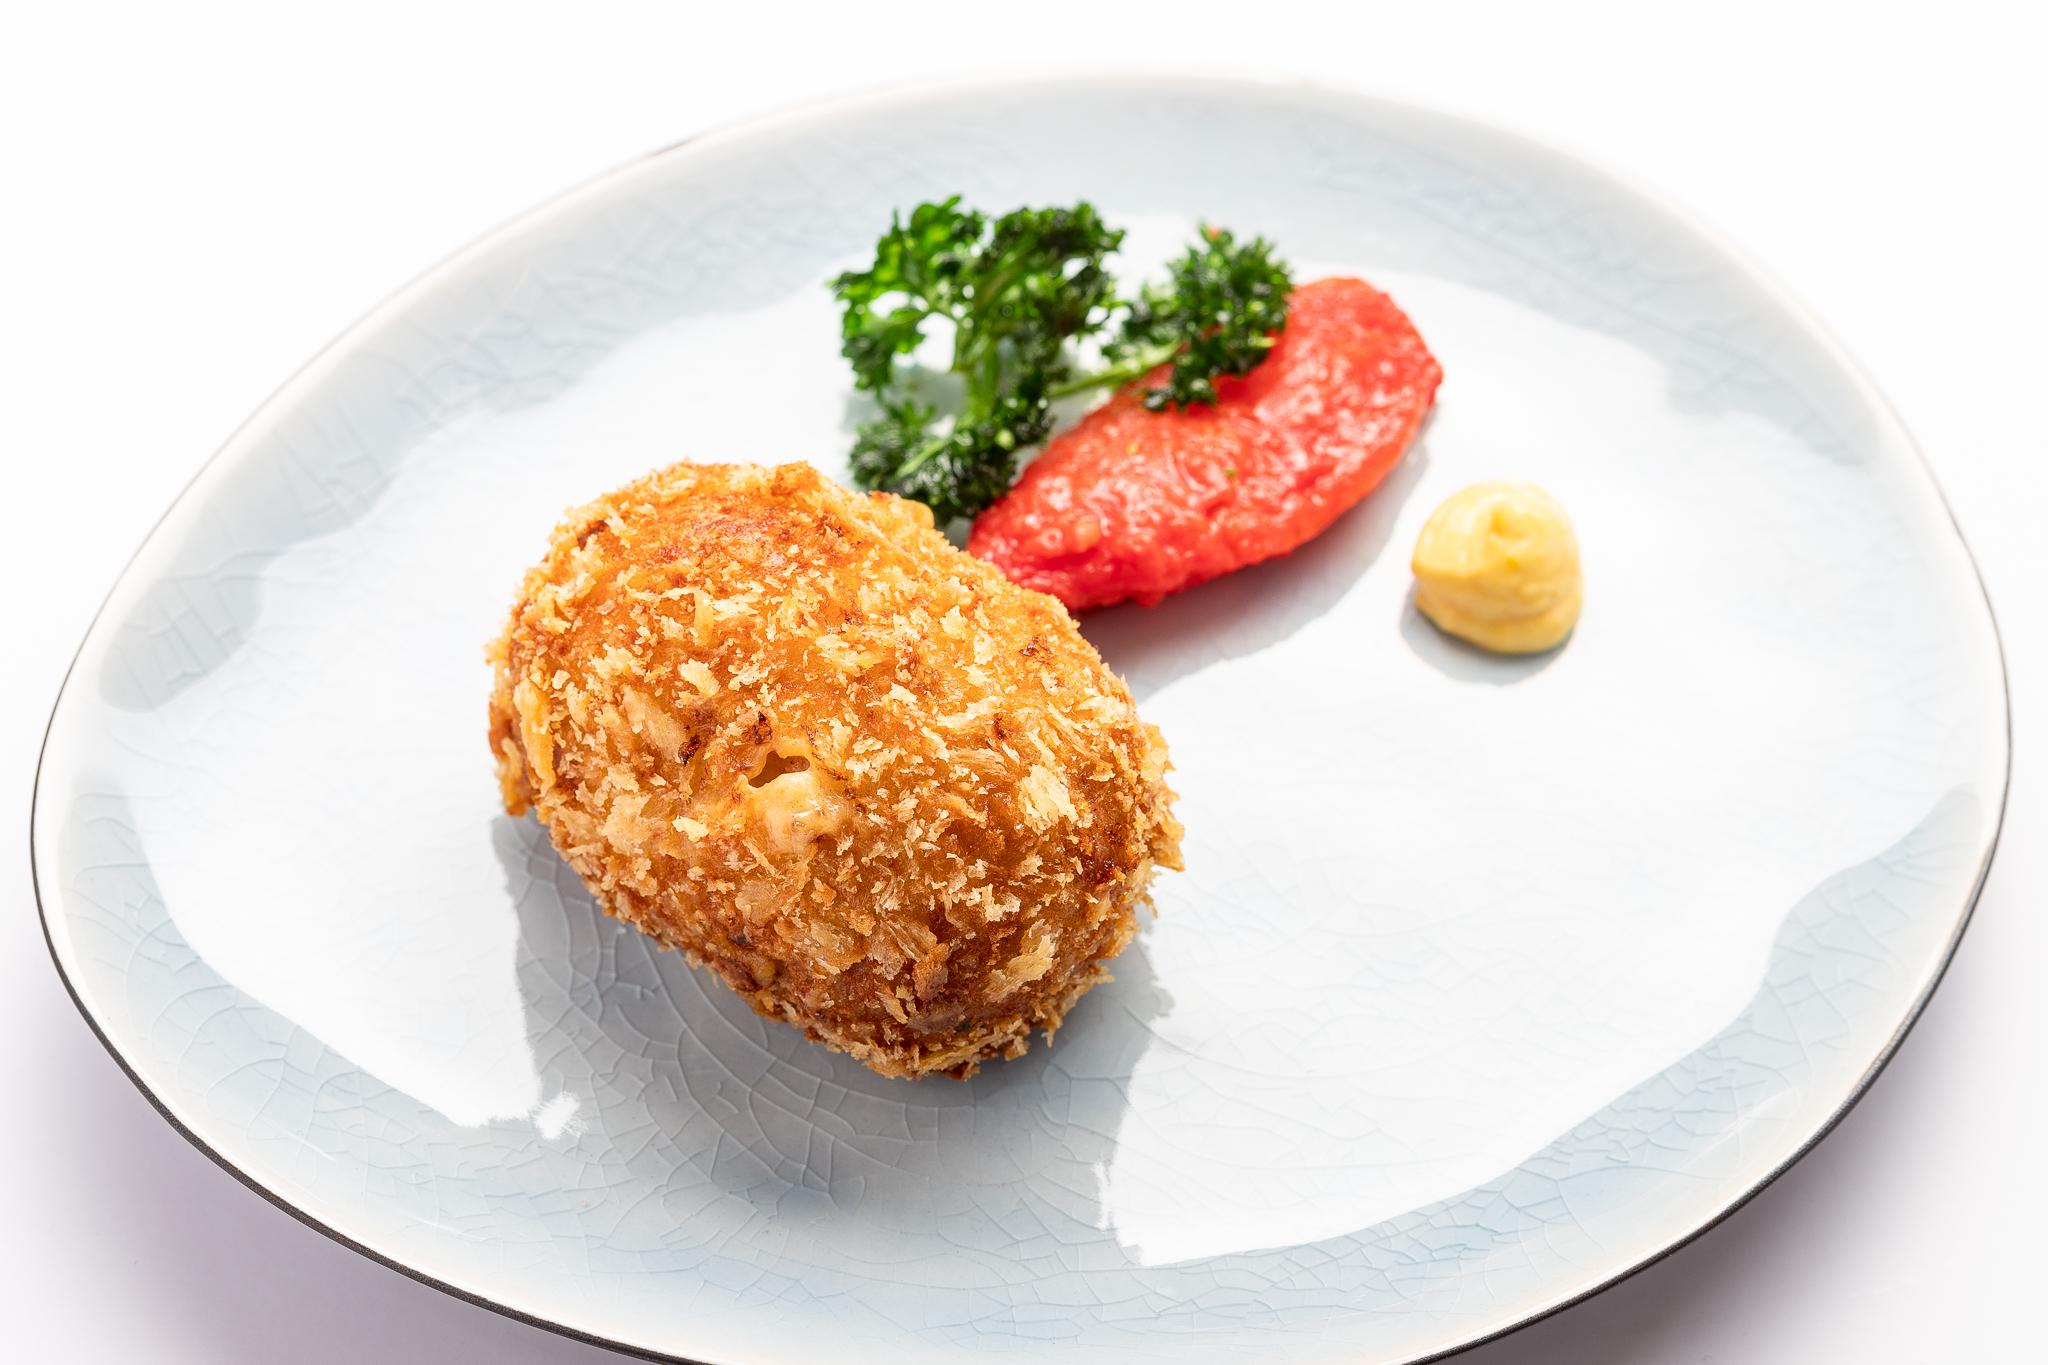 Zeebrugge shrimp croquette / lemon aïoli / candied tomato / deep-fried parsley - 'T PAKHUIS